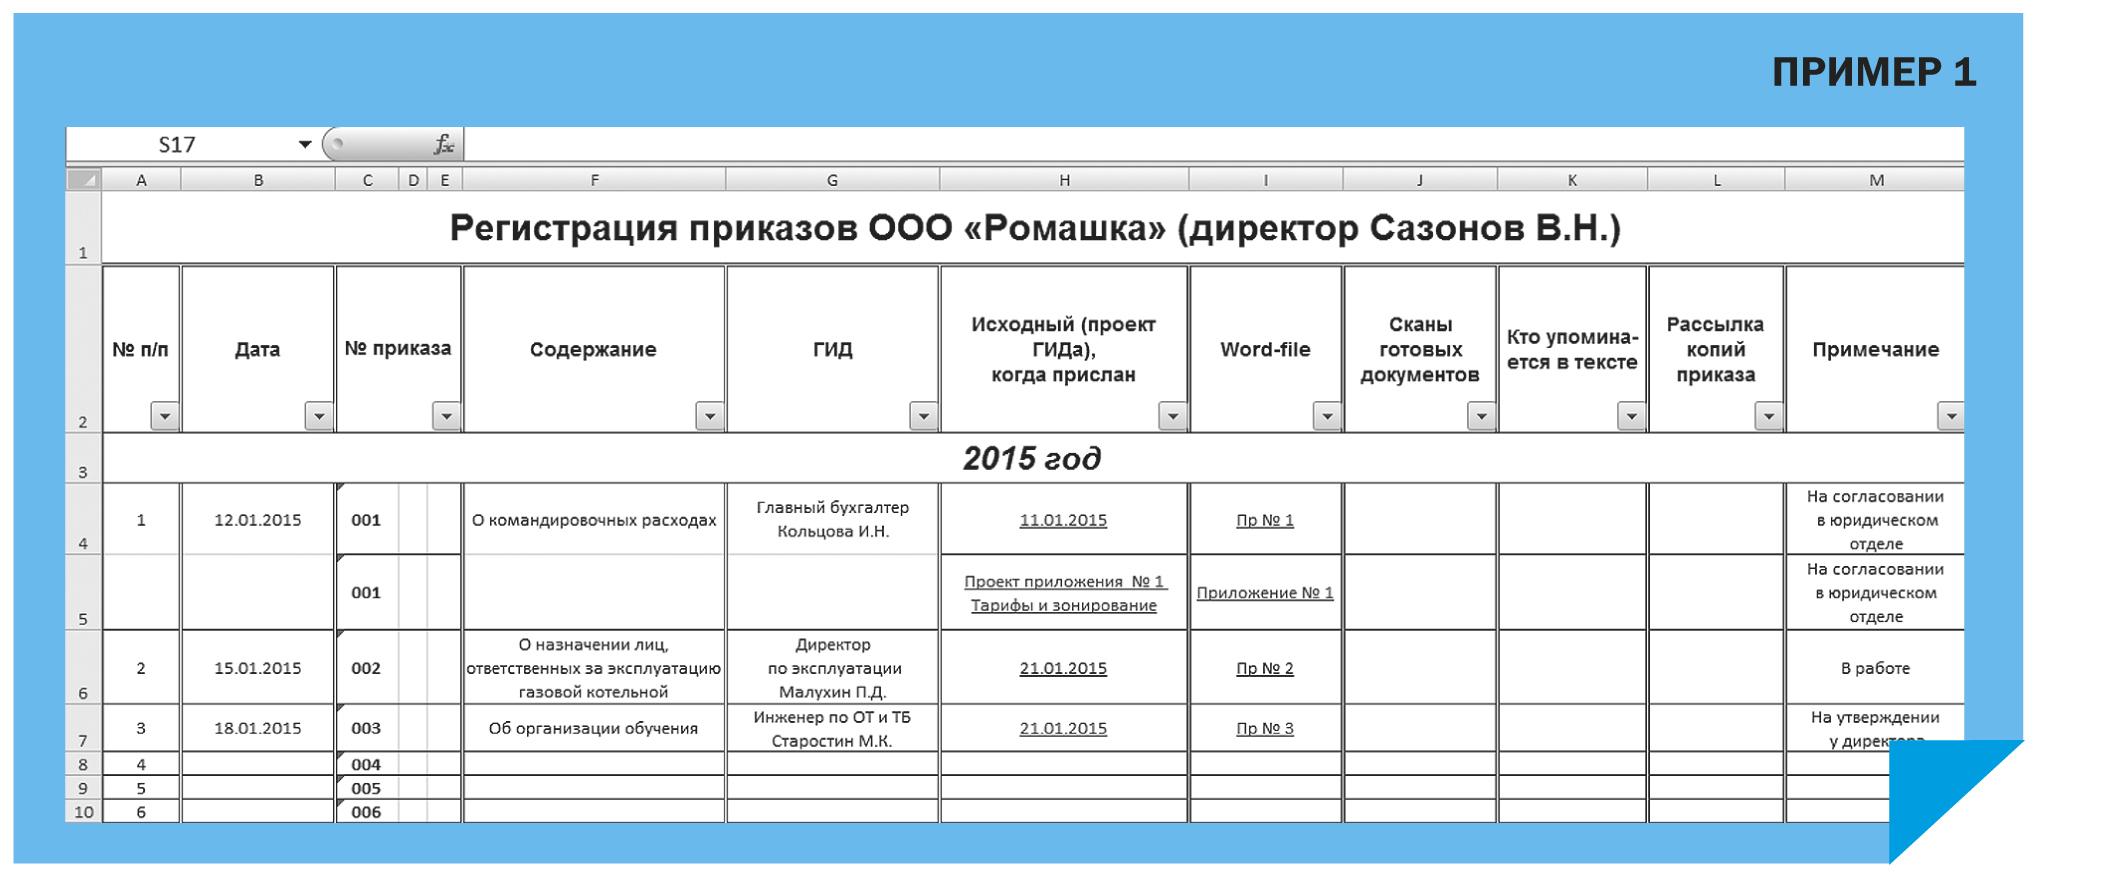 Инструкция по делопроизводству регистрация внутренних документов